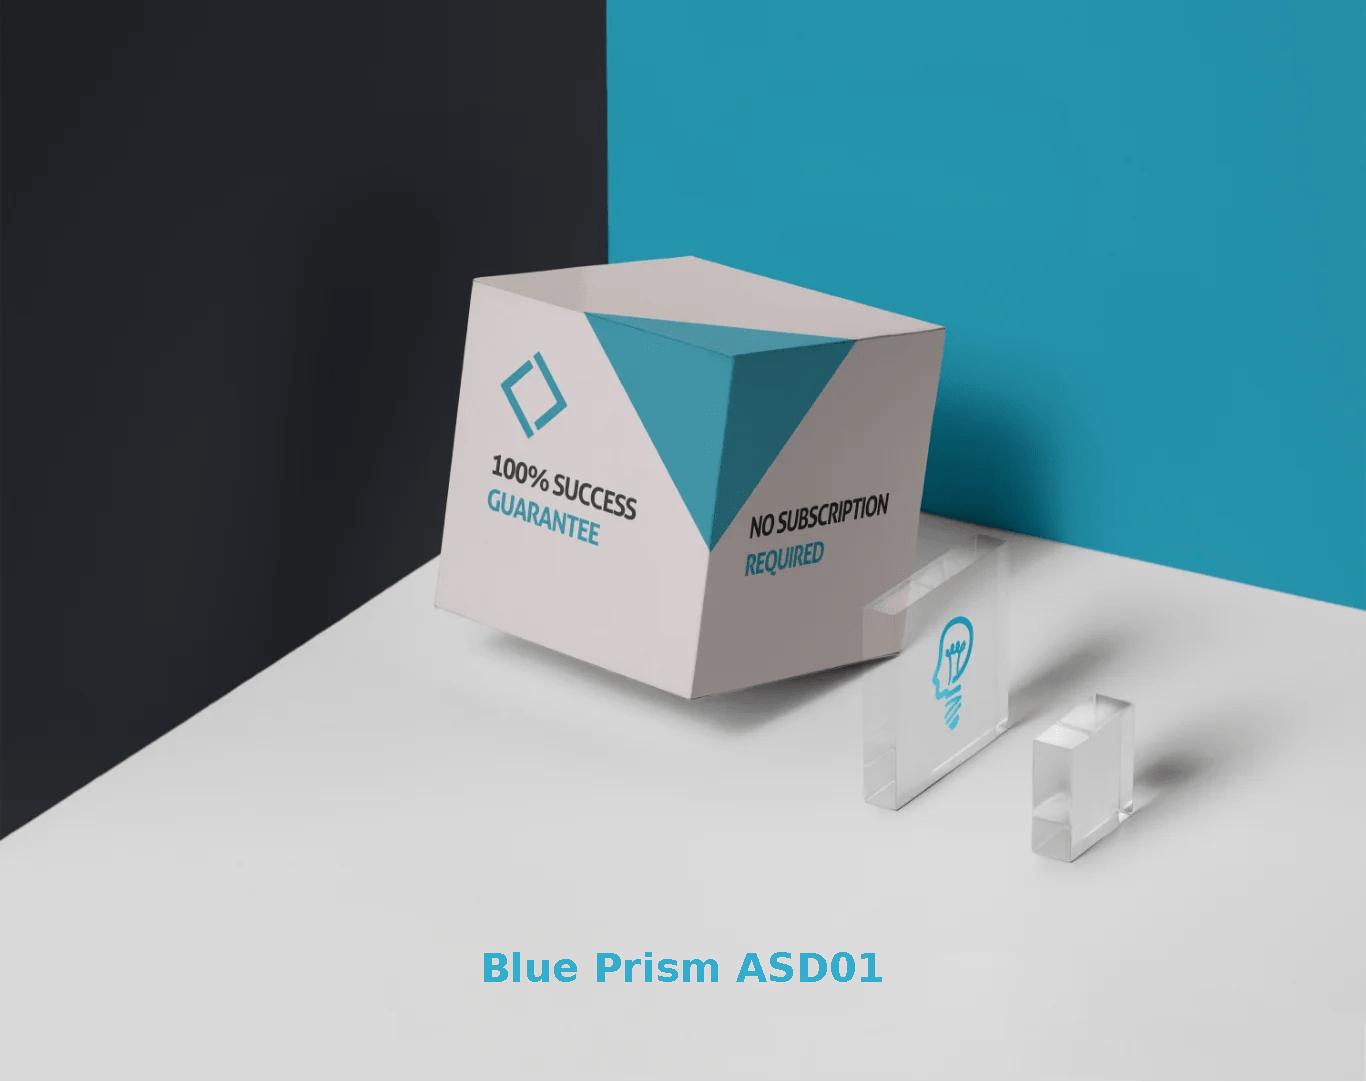 ASD01 Dumps